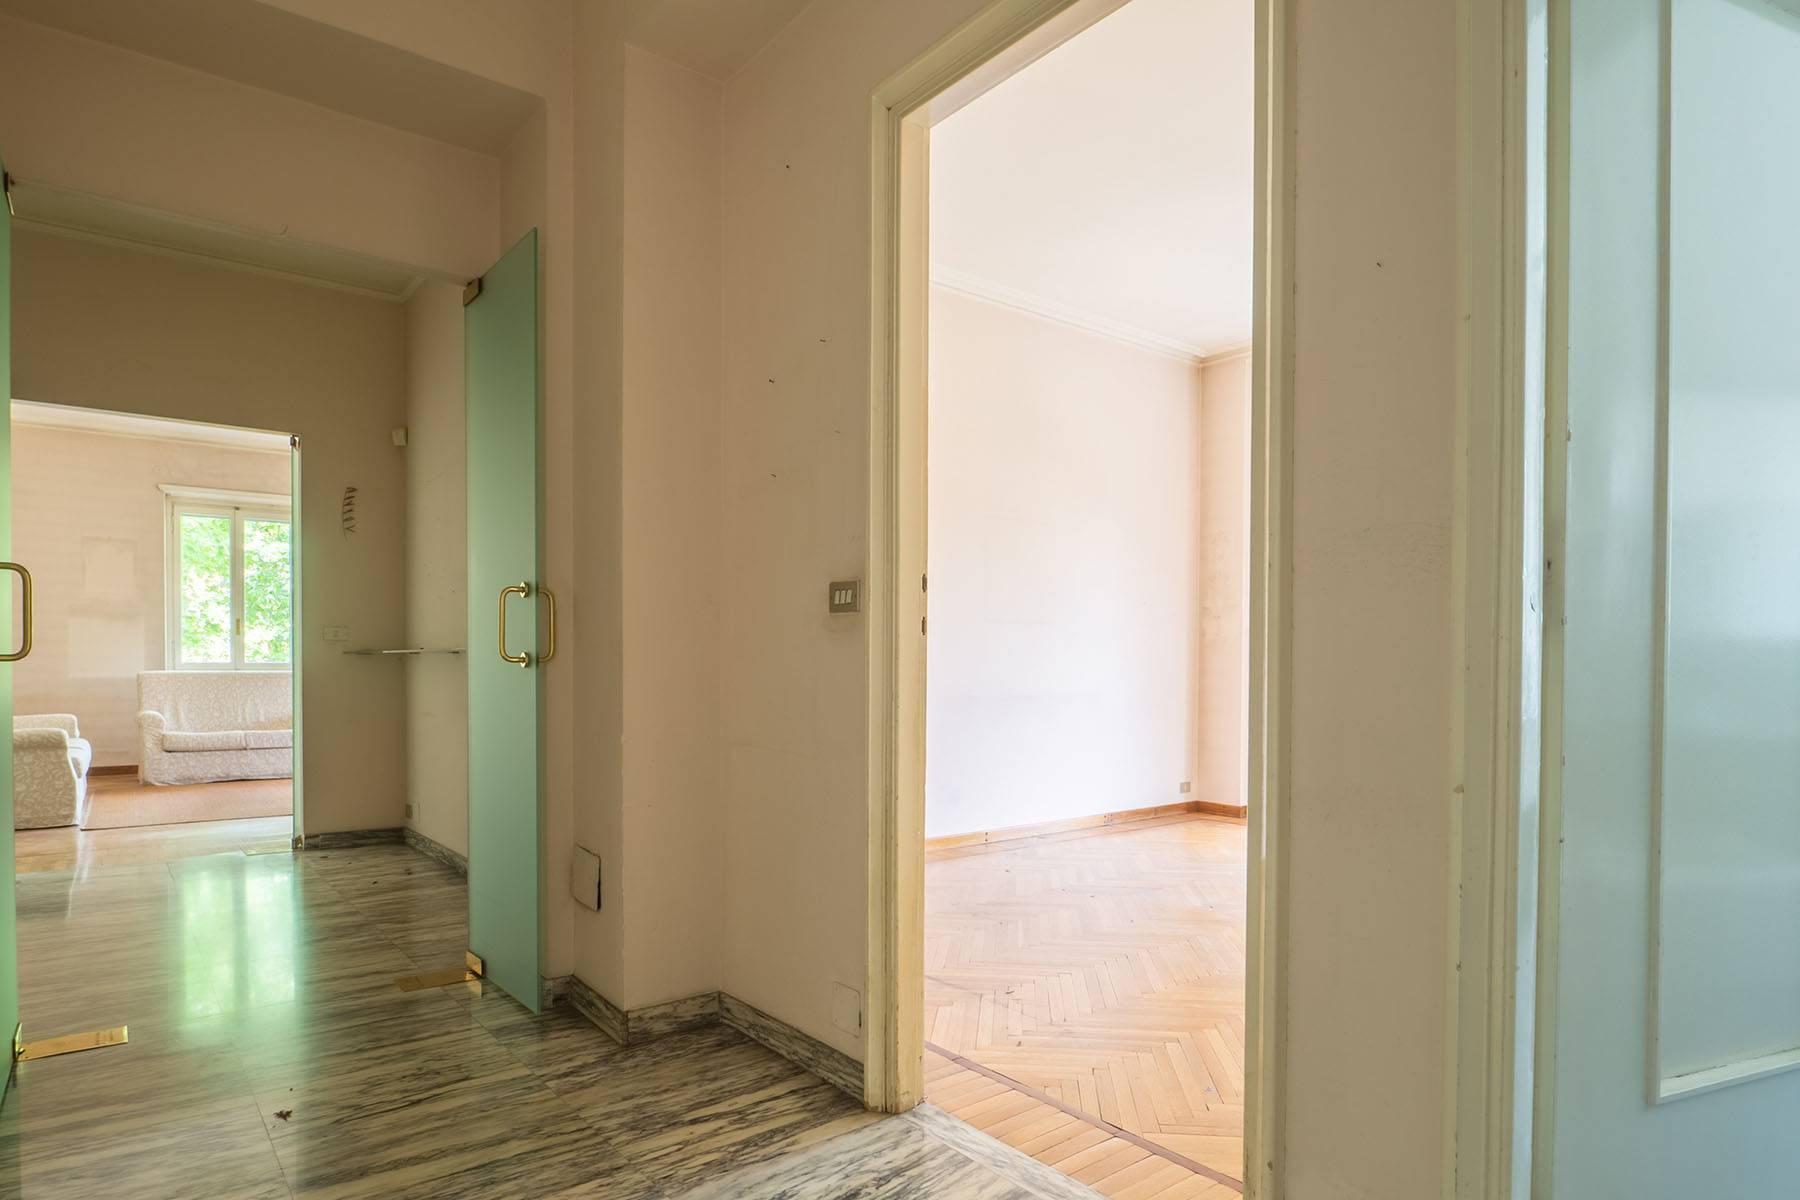 Appartamento in Vendita a Torino: 4 locali, 181 mq - Foto 13